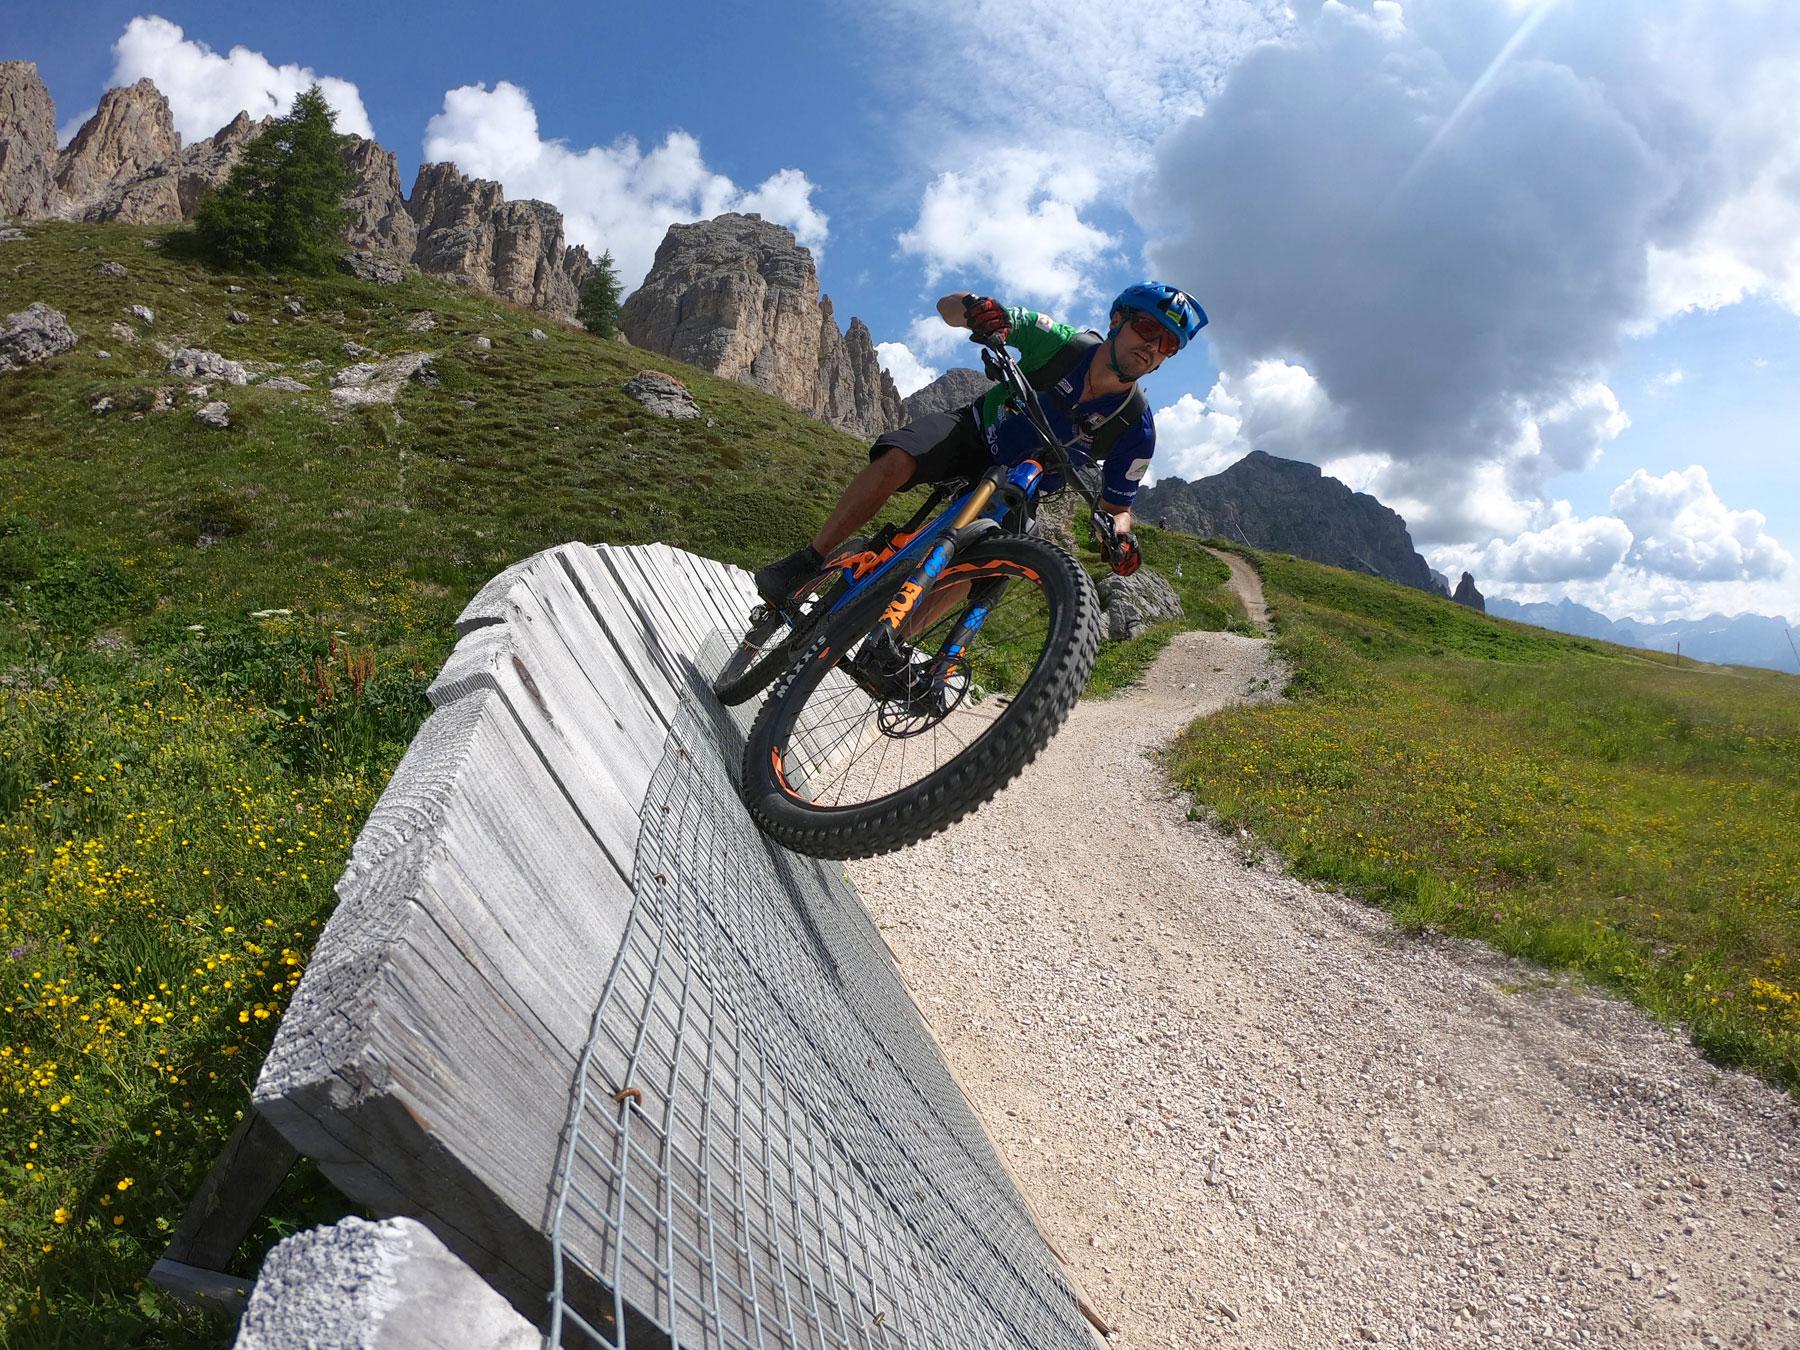 paraboliche in mountainbike in val gardena